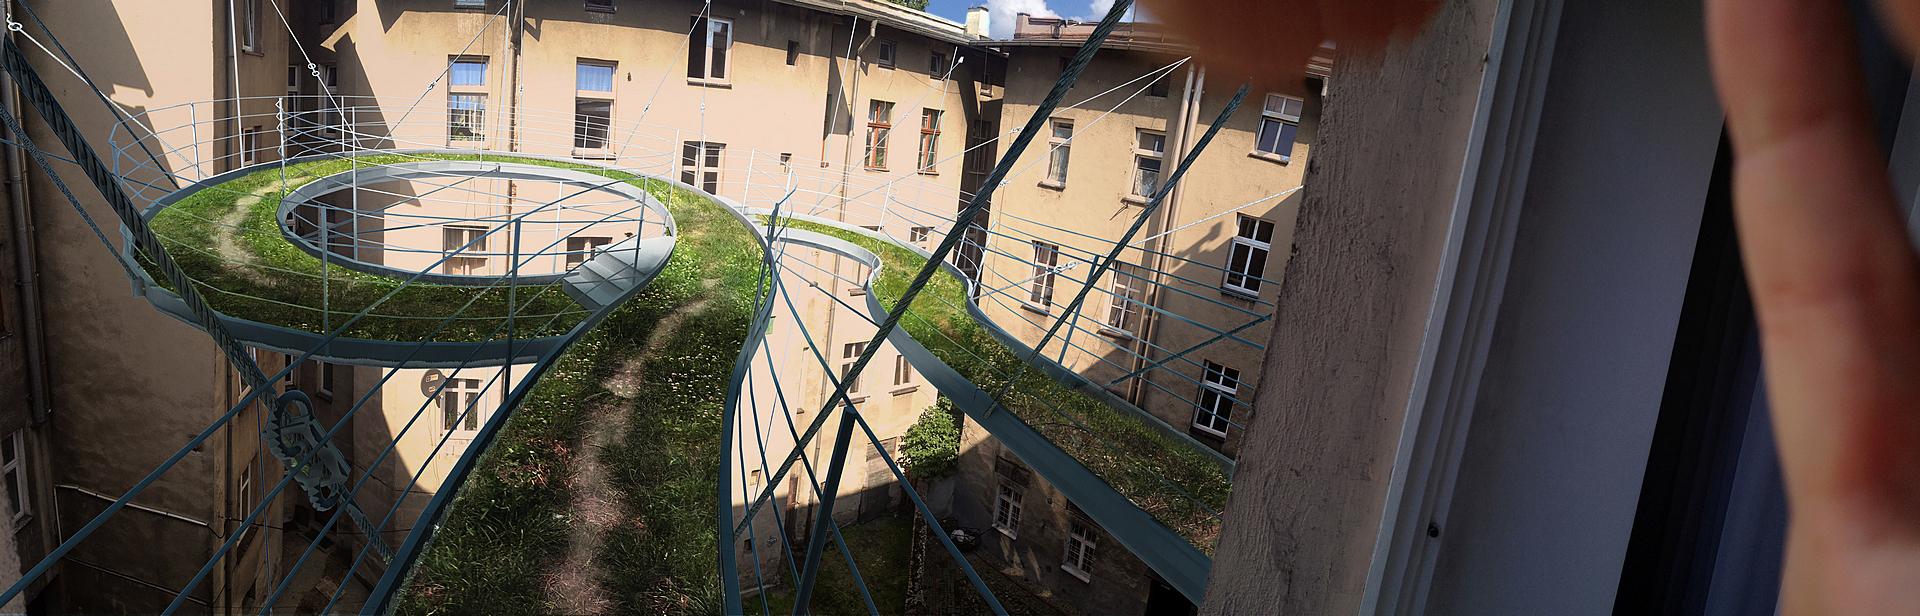 Balkon Walk-on wg projektu ZALEWSKI ARCHITECTURE GROUP (źródło: materiały prasowe organizatora)